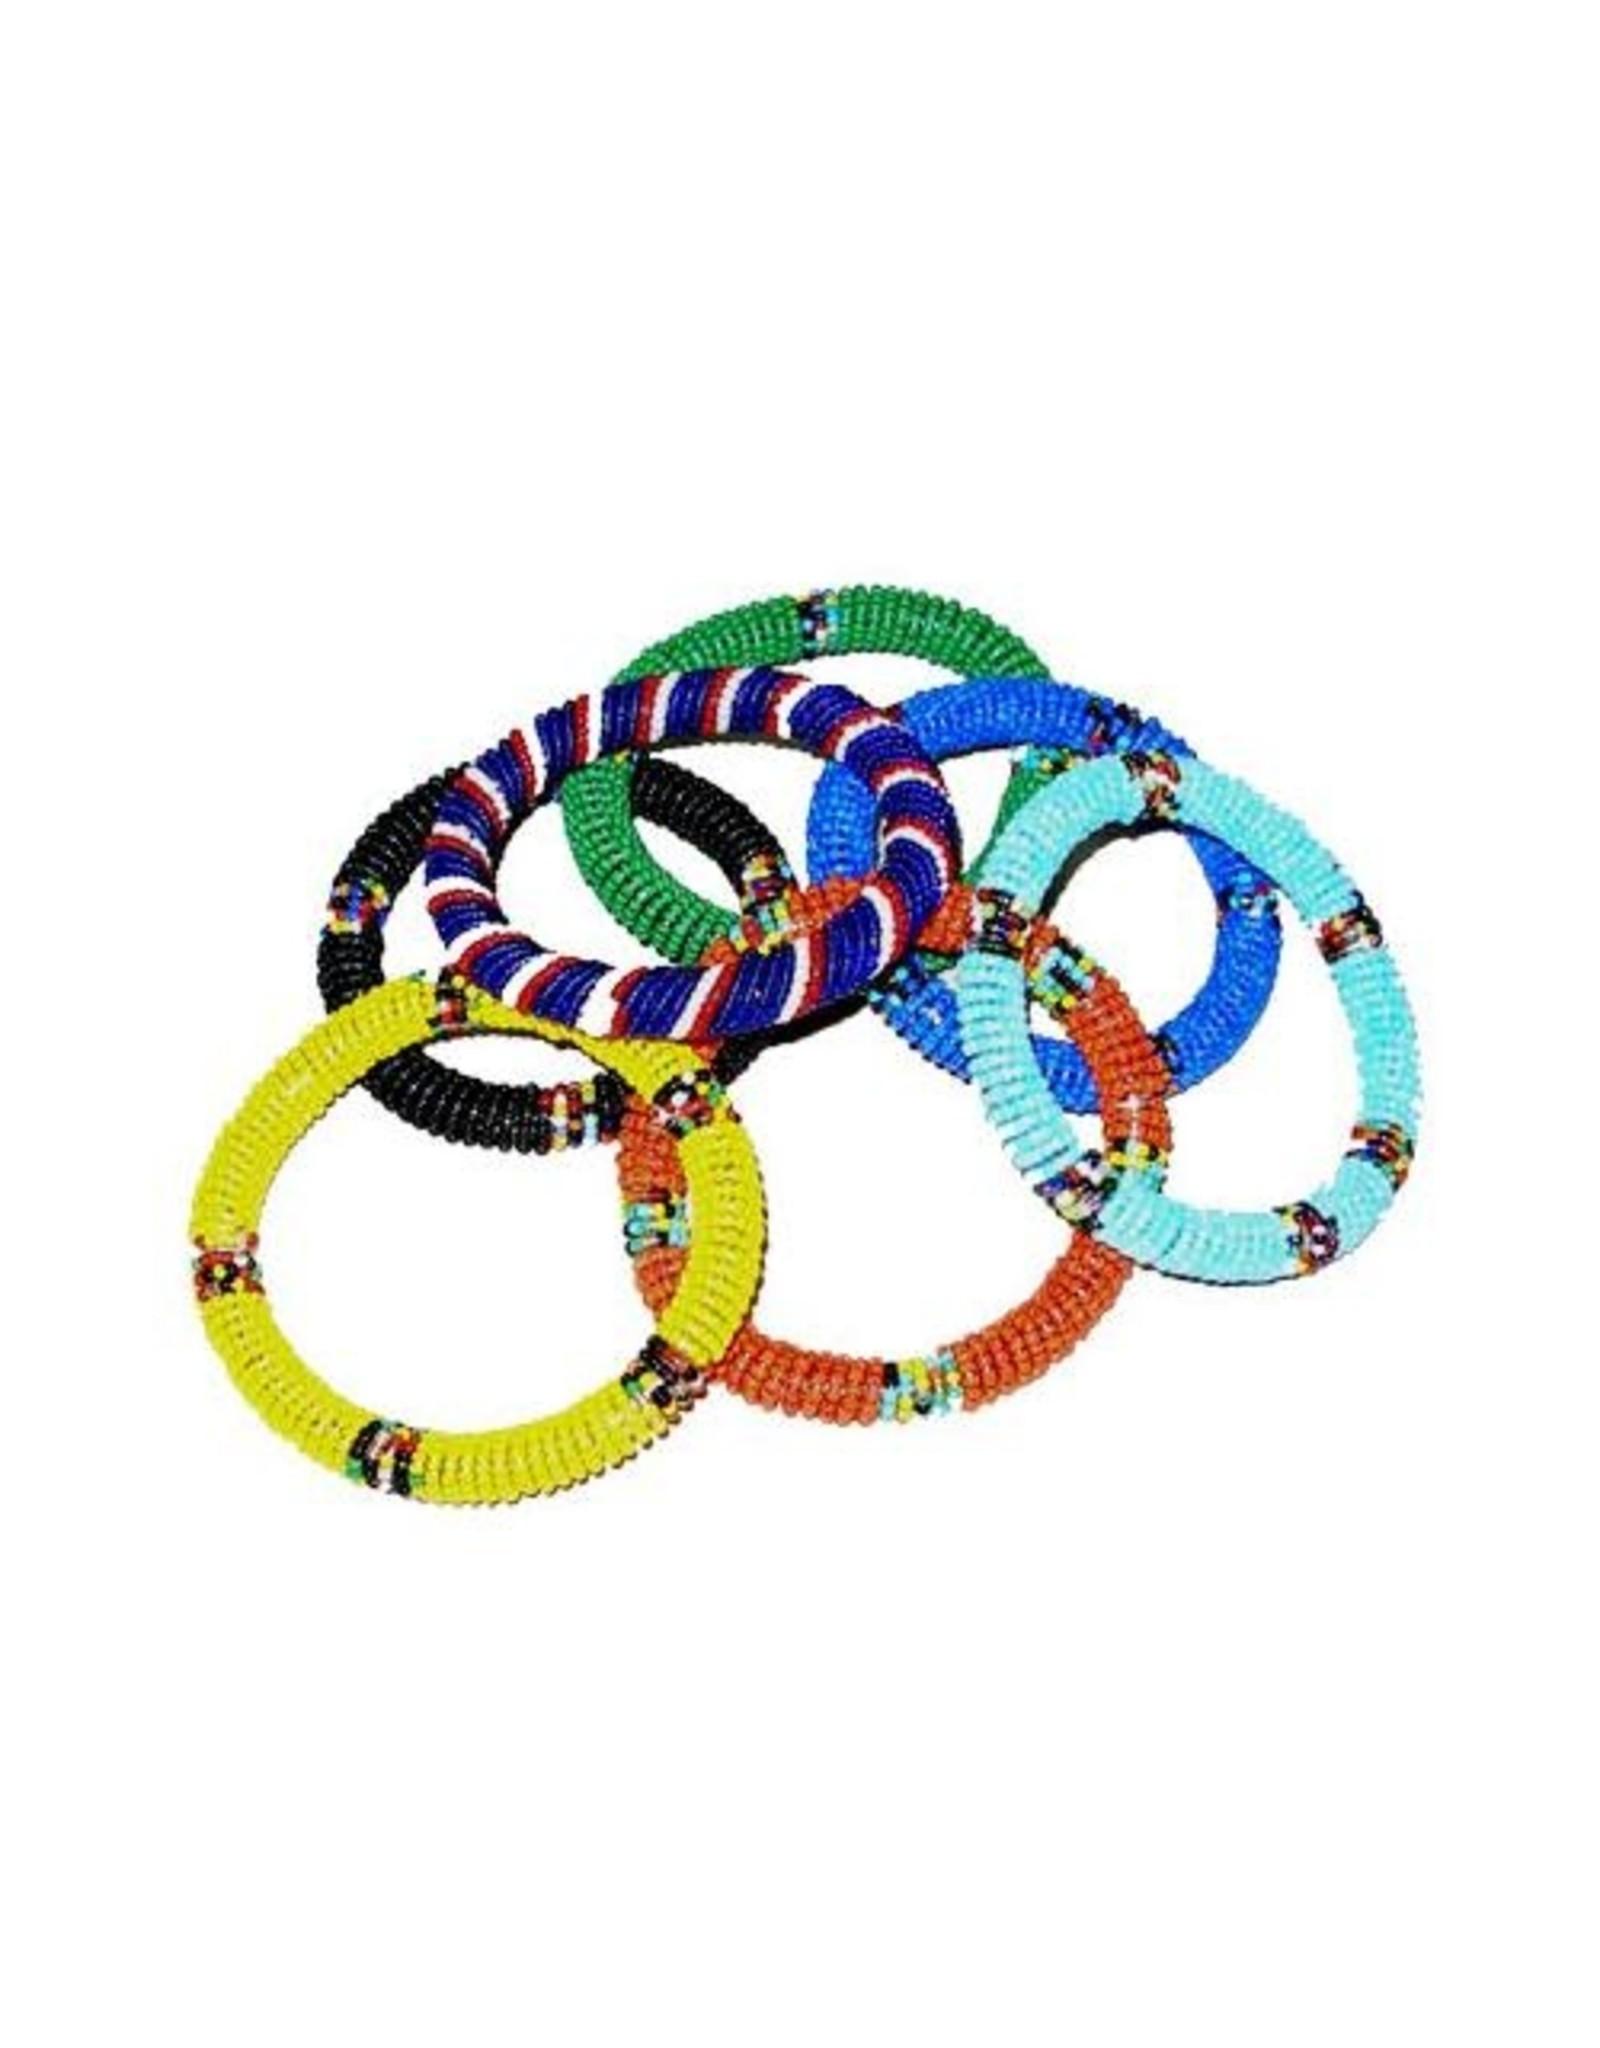 Maasai Bangle Individual, Choose your color!